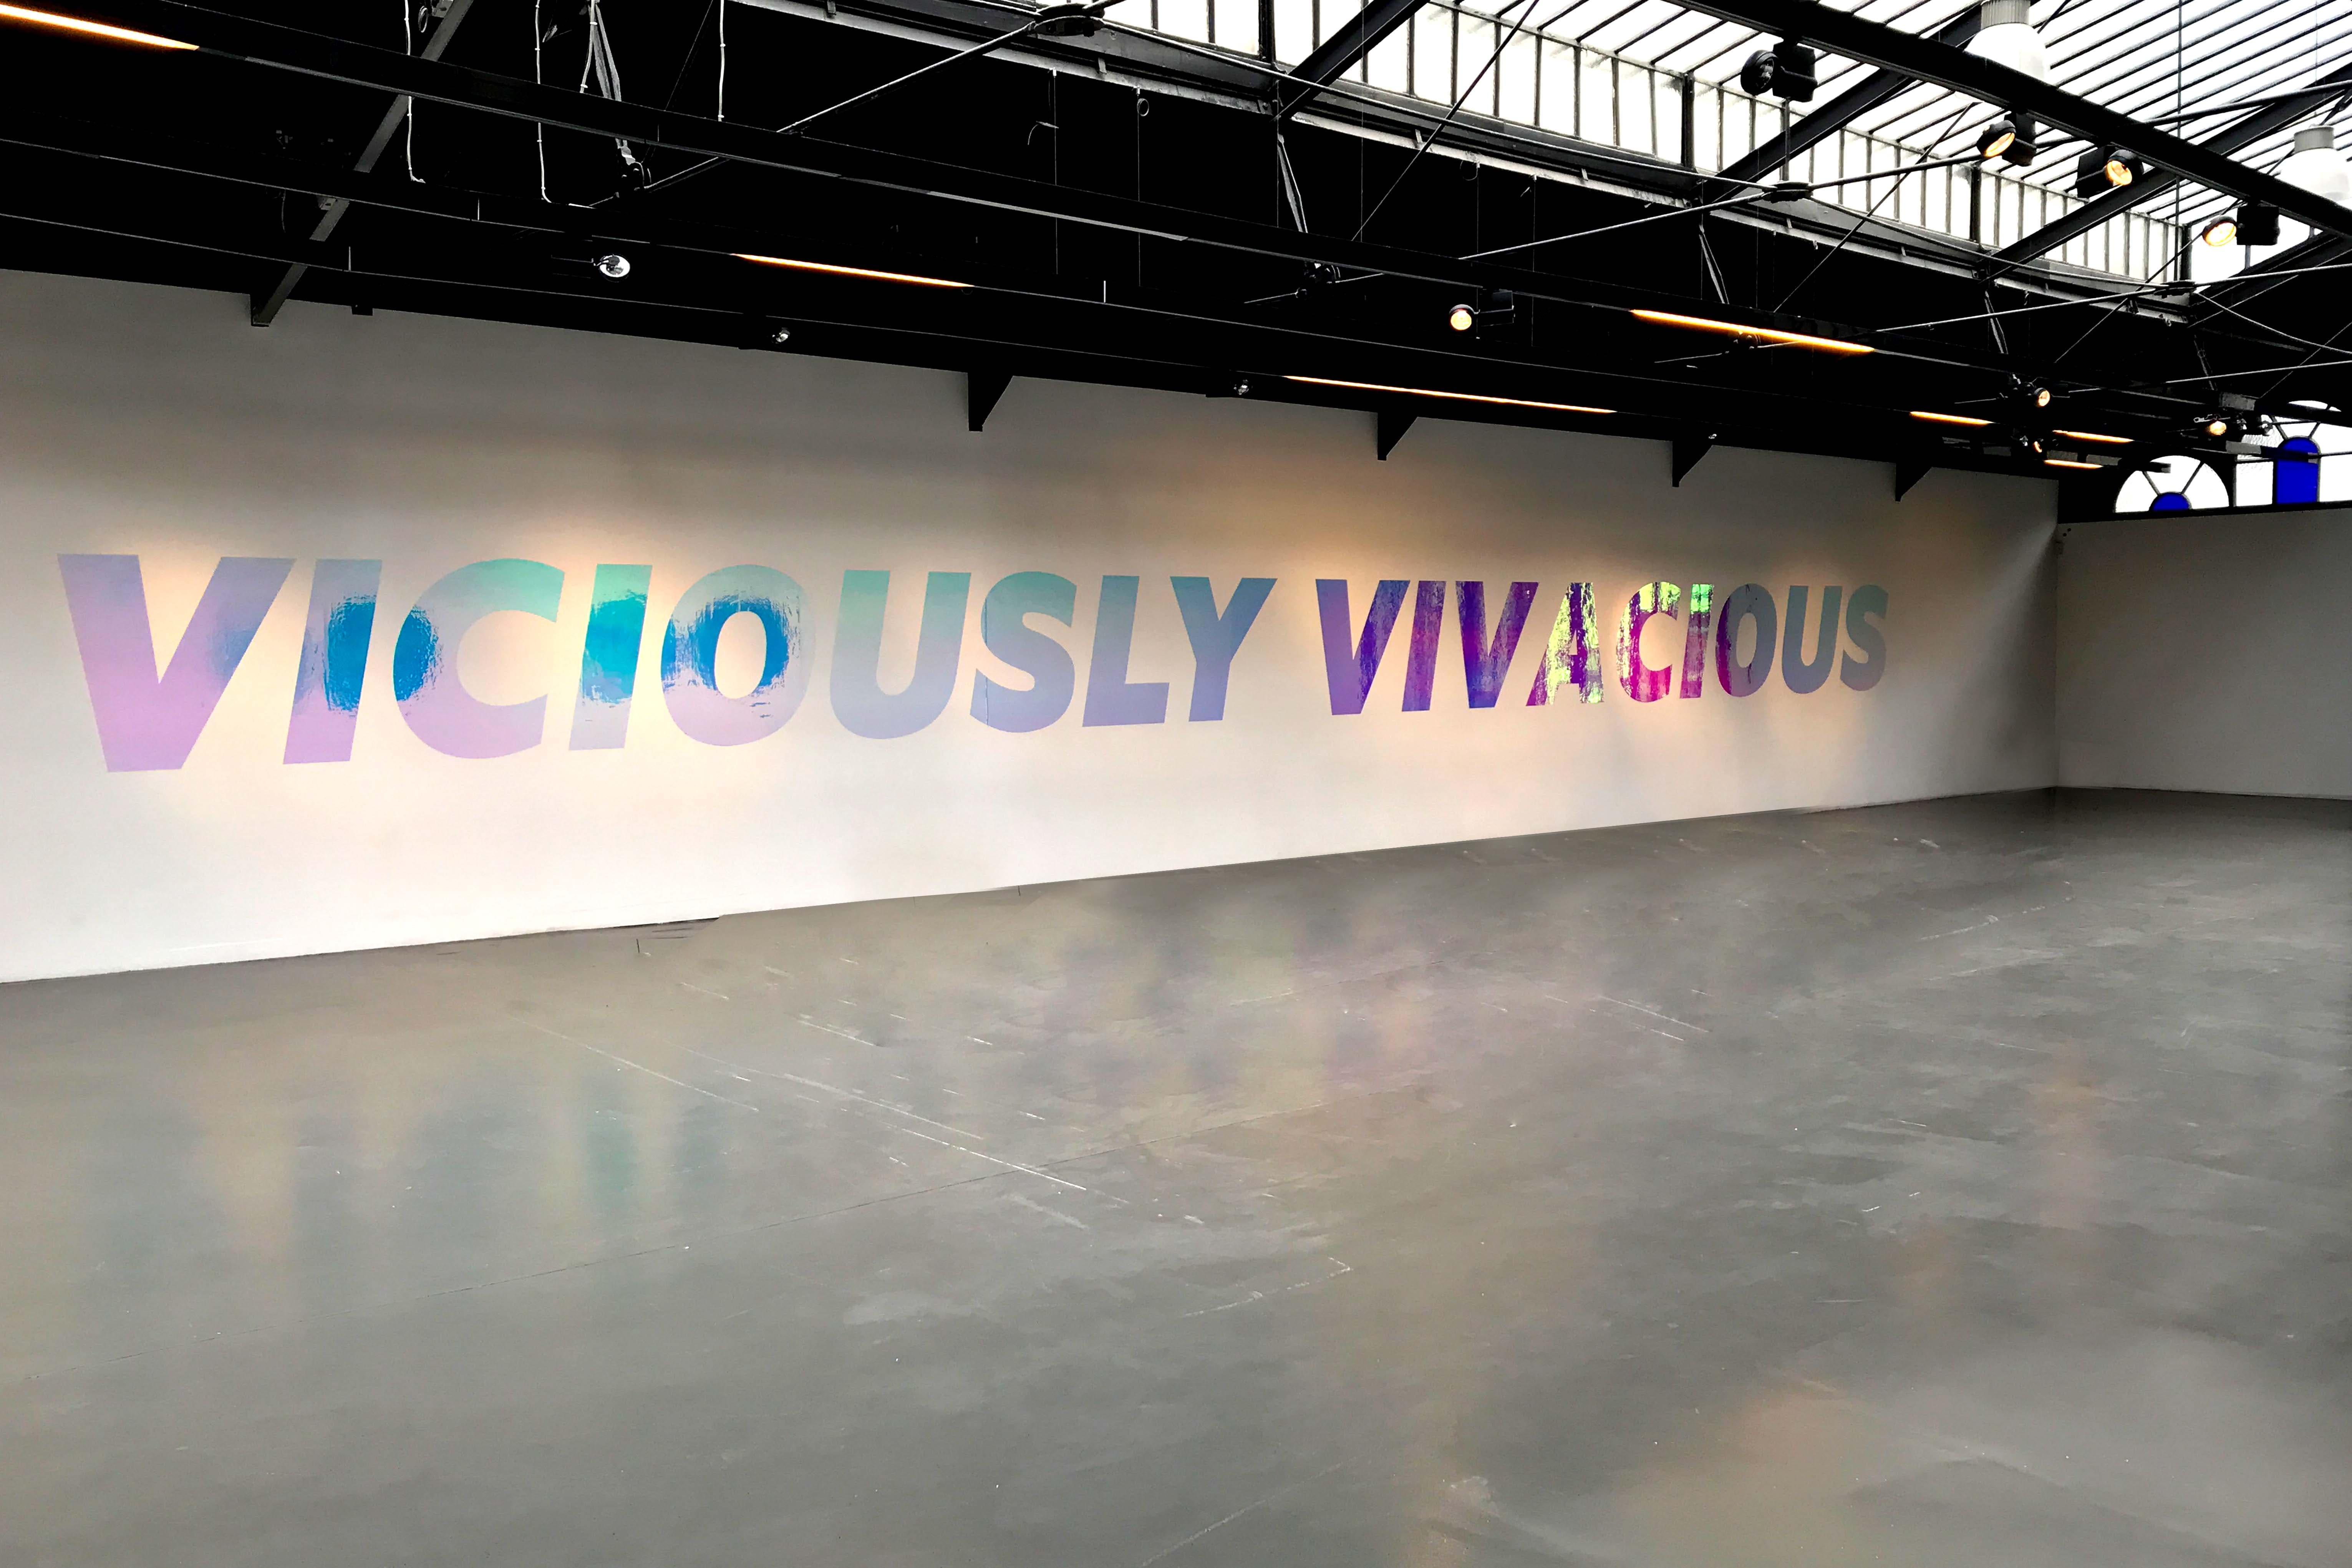 VICIOUSLY VIVACIOUS, 2018